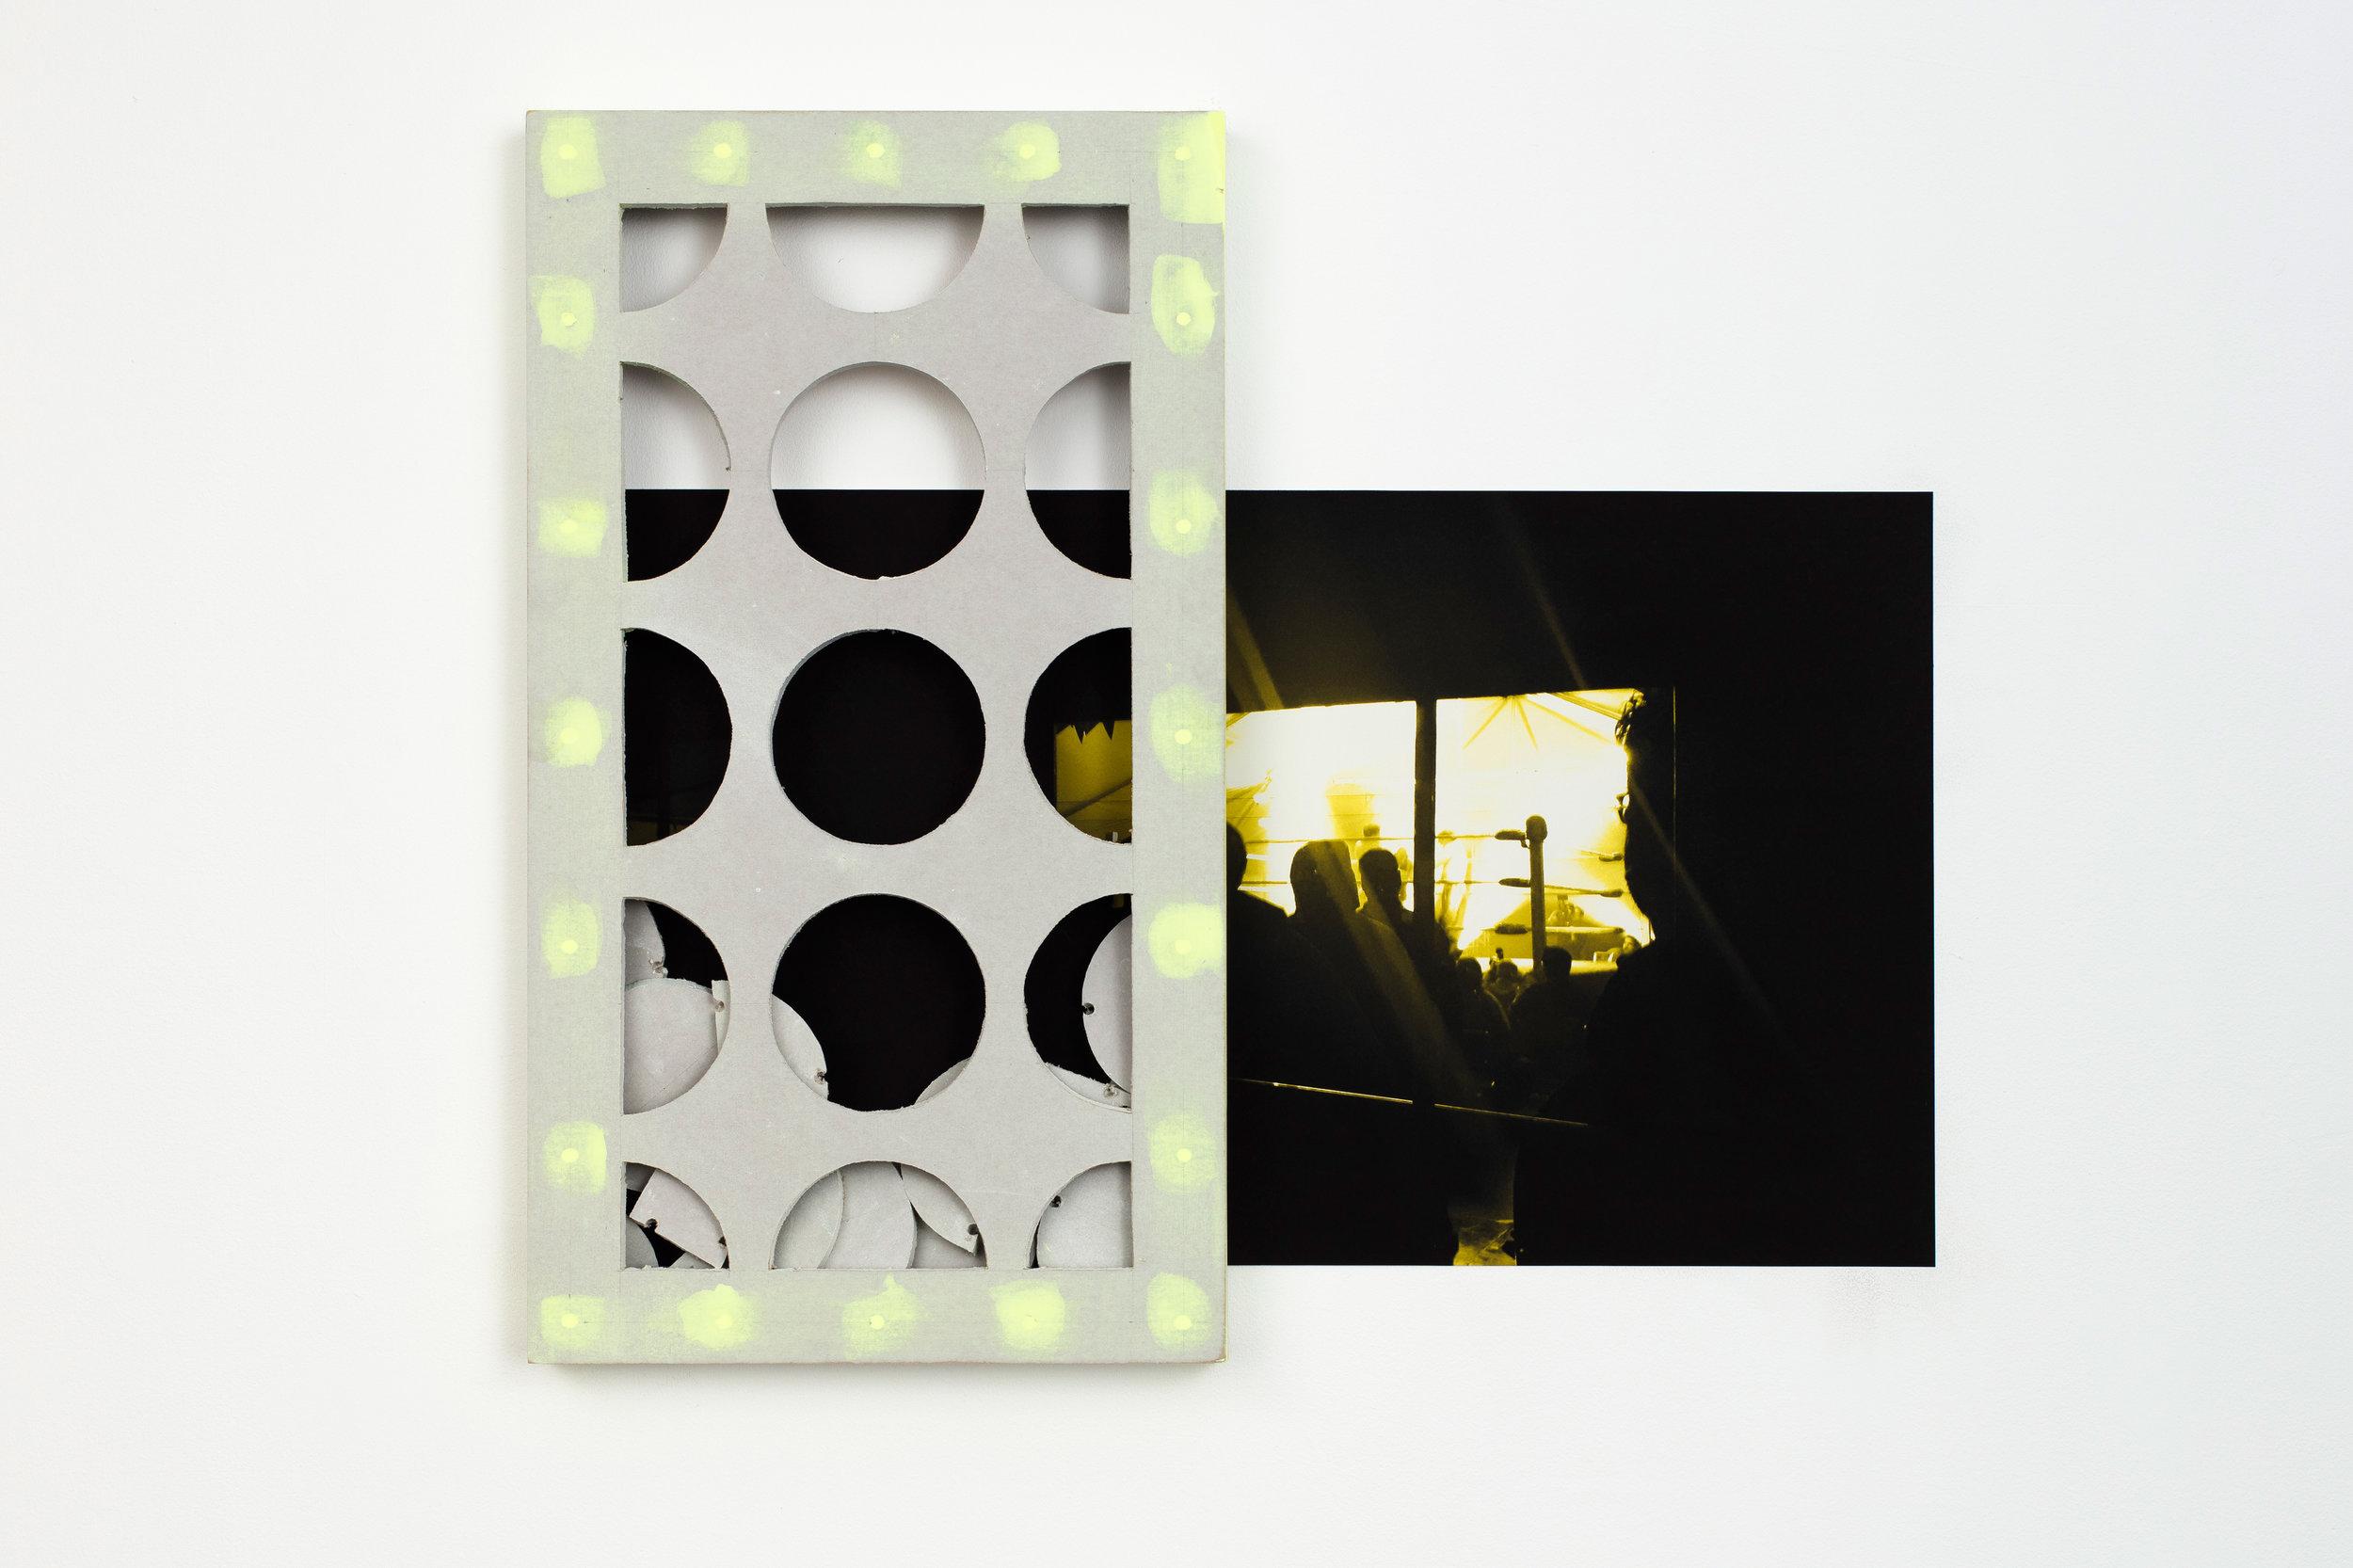 Hugues Loinard, ( Untitled), Plaque de pâtre, enduits et pigments, tirage numérique, 80 x 6,5 x 44,5 cm, 2018  Exhibition of the visual arts prize of Nantes, L'atelier. Crédit photo : Philippe Piron